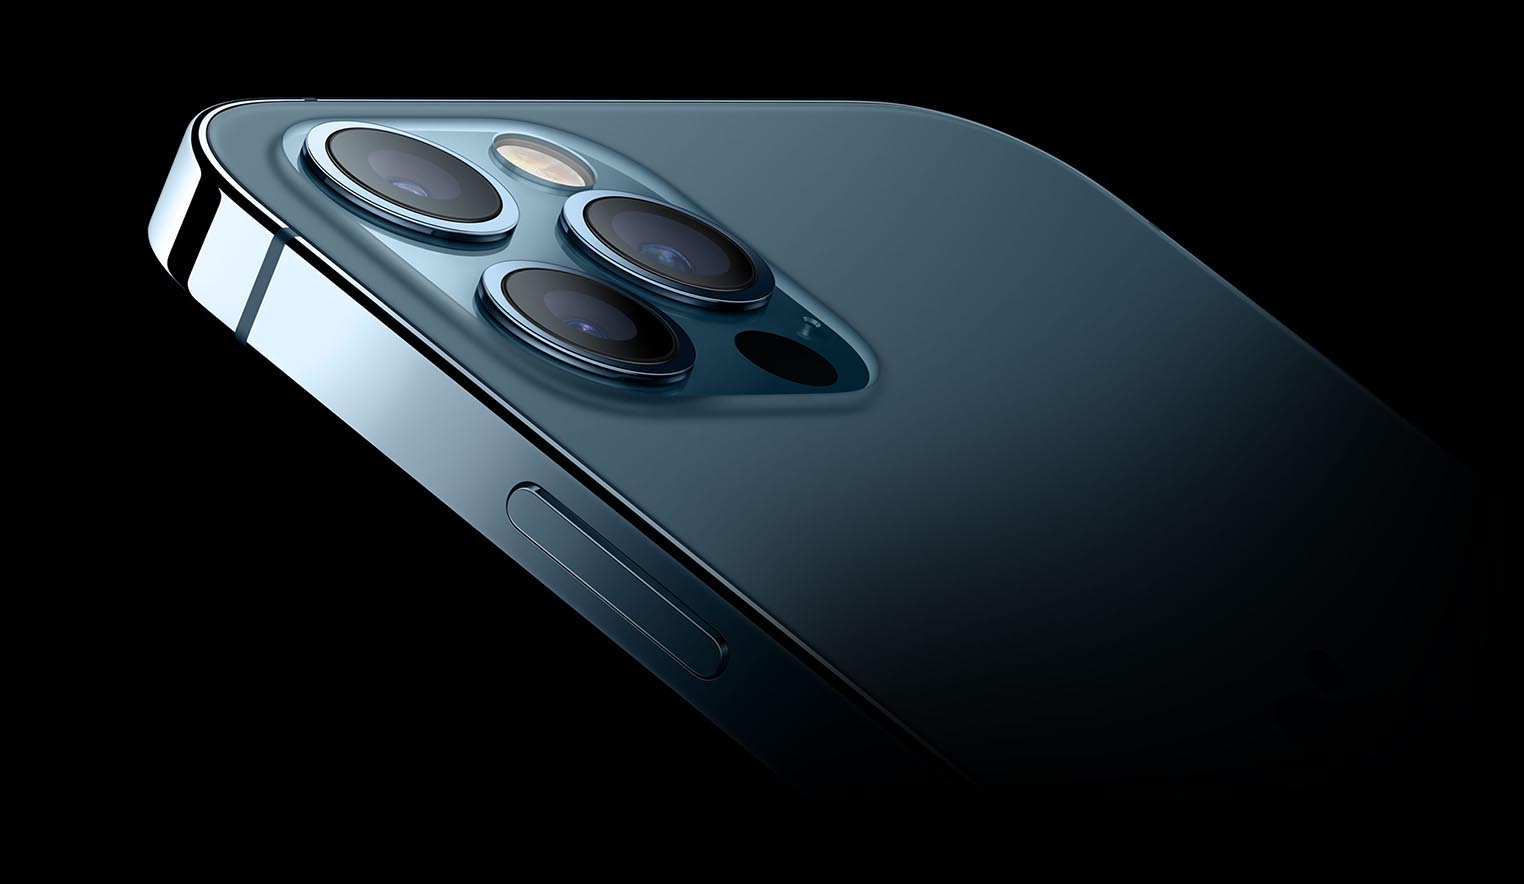 iPhone 11 Pro caméras